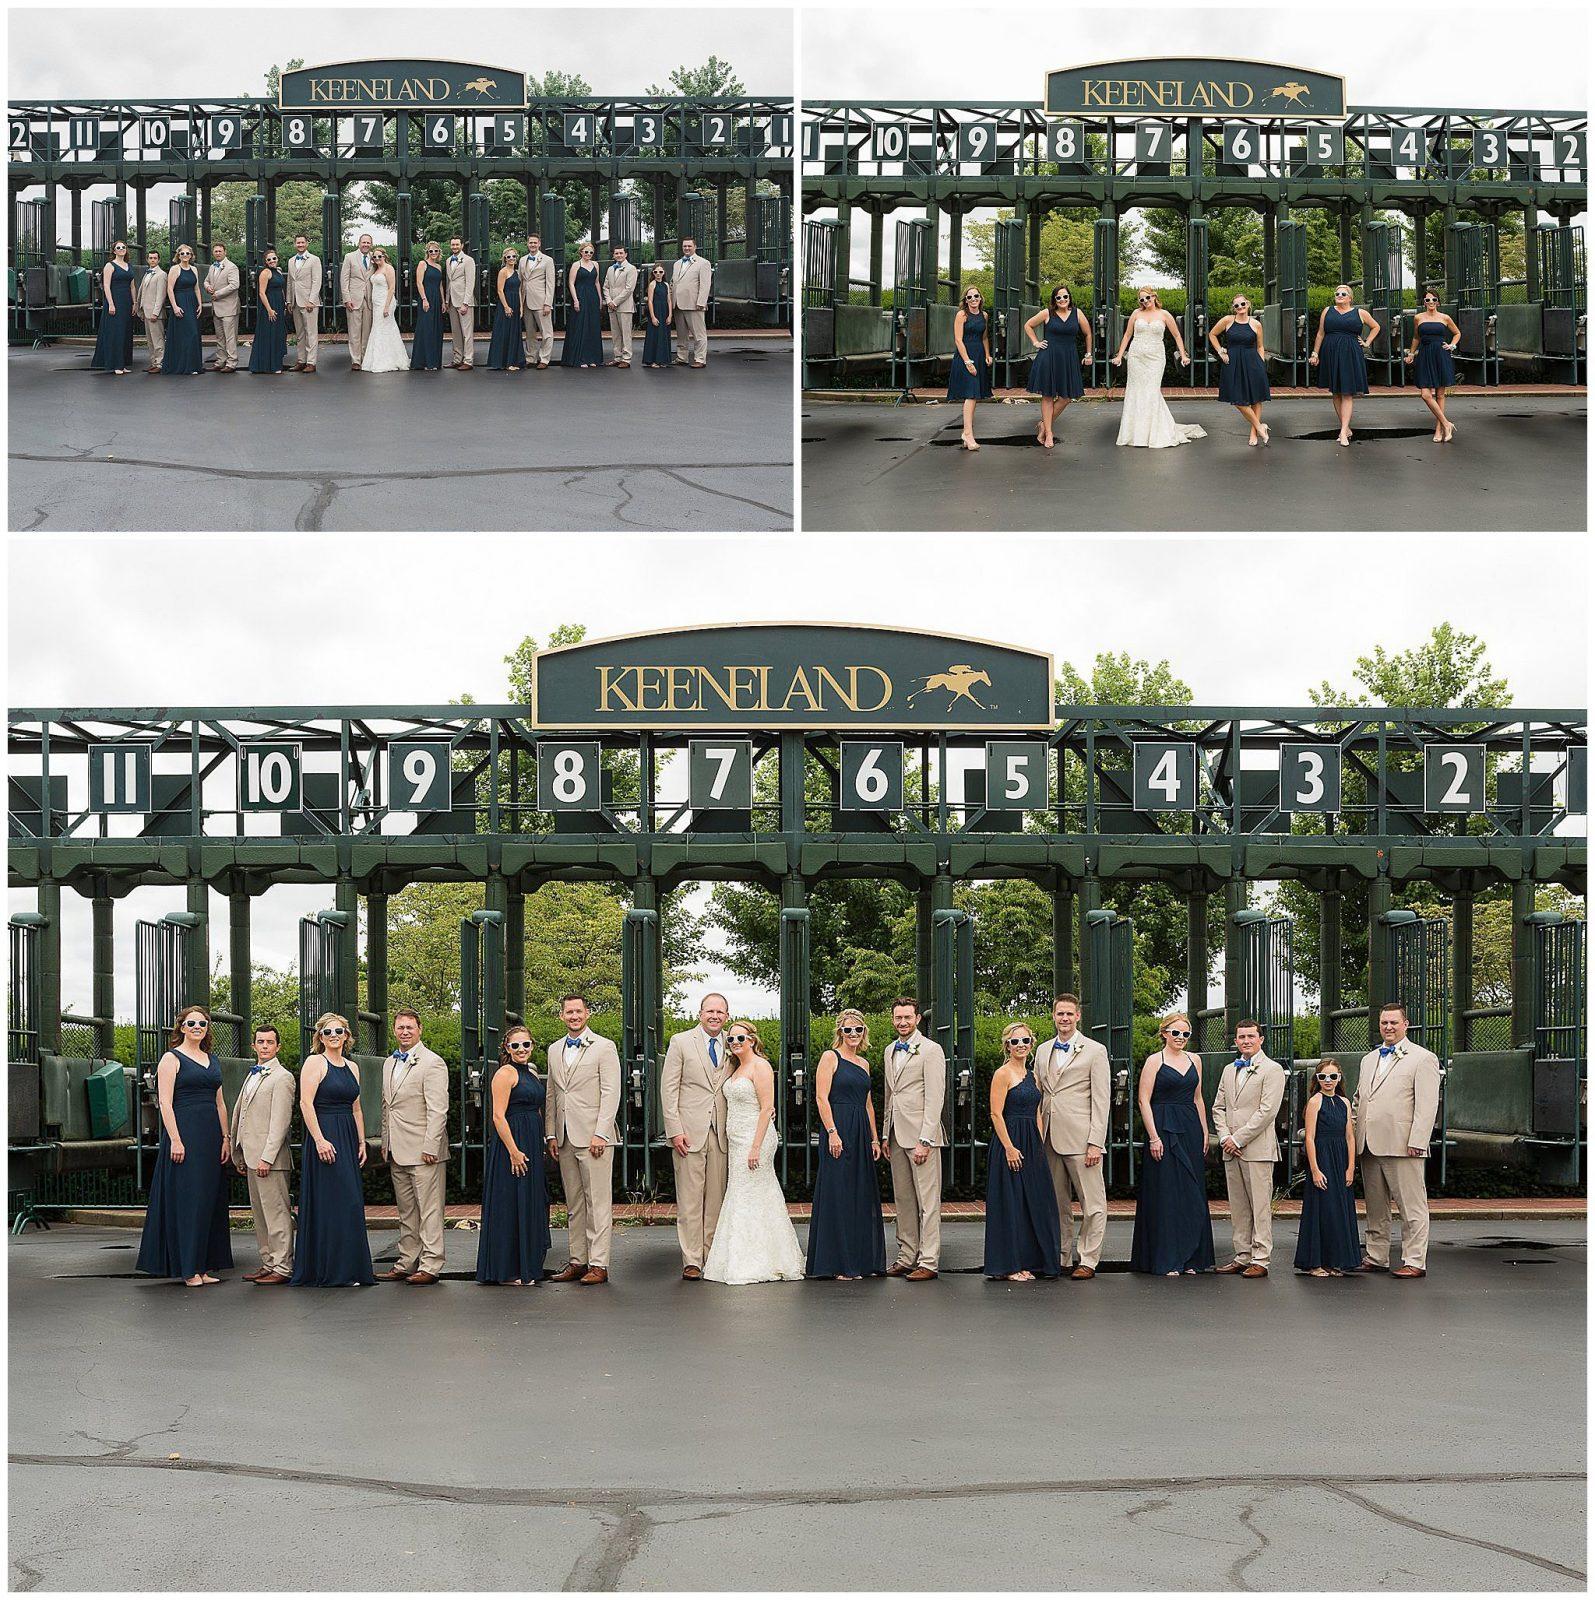 Wedding Flowers Lexington Ky: Greg & Megan's Keeneland Wedding